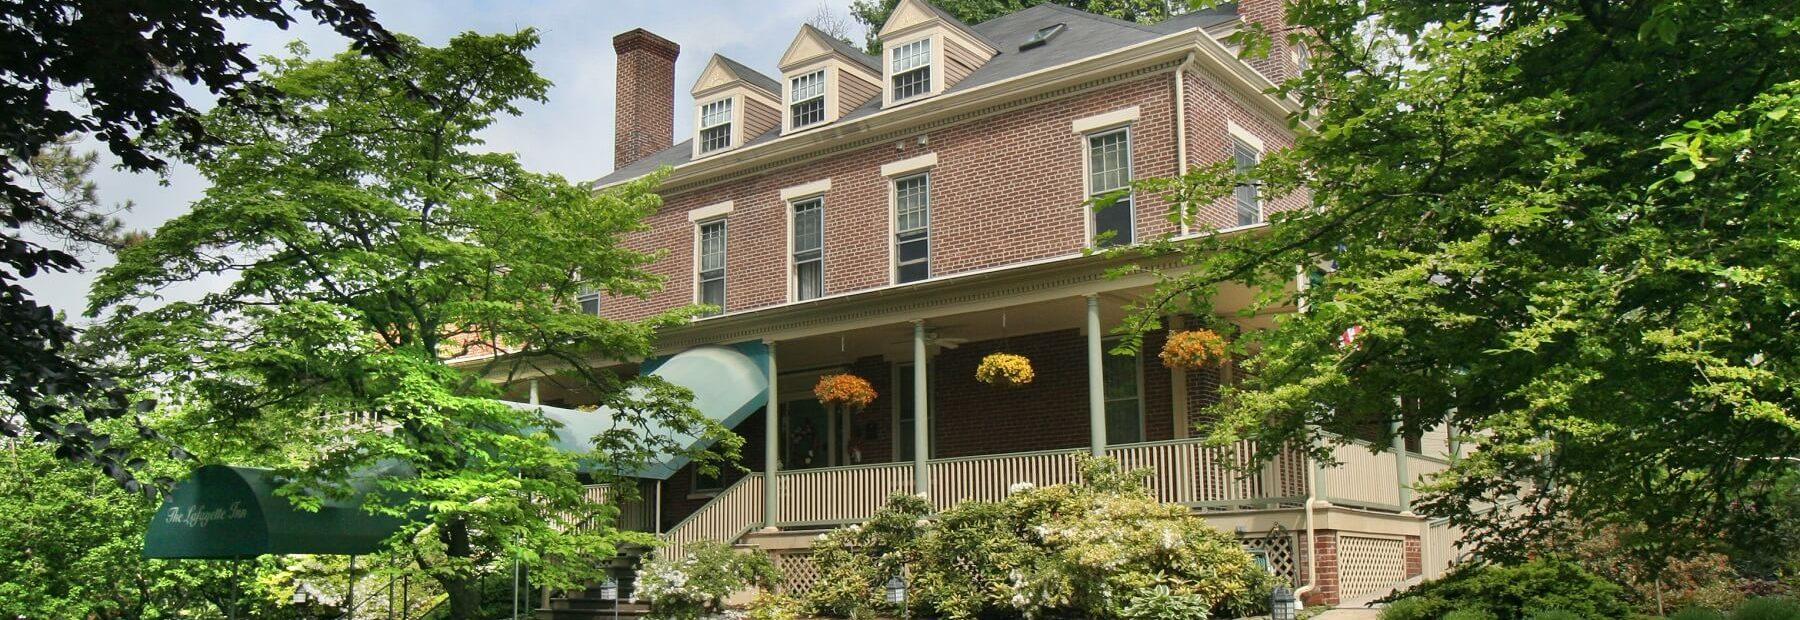 The Lafayette Inn Exterior